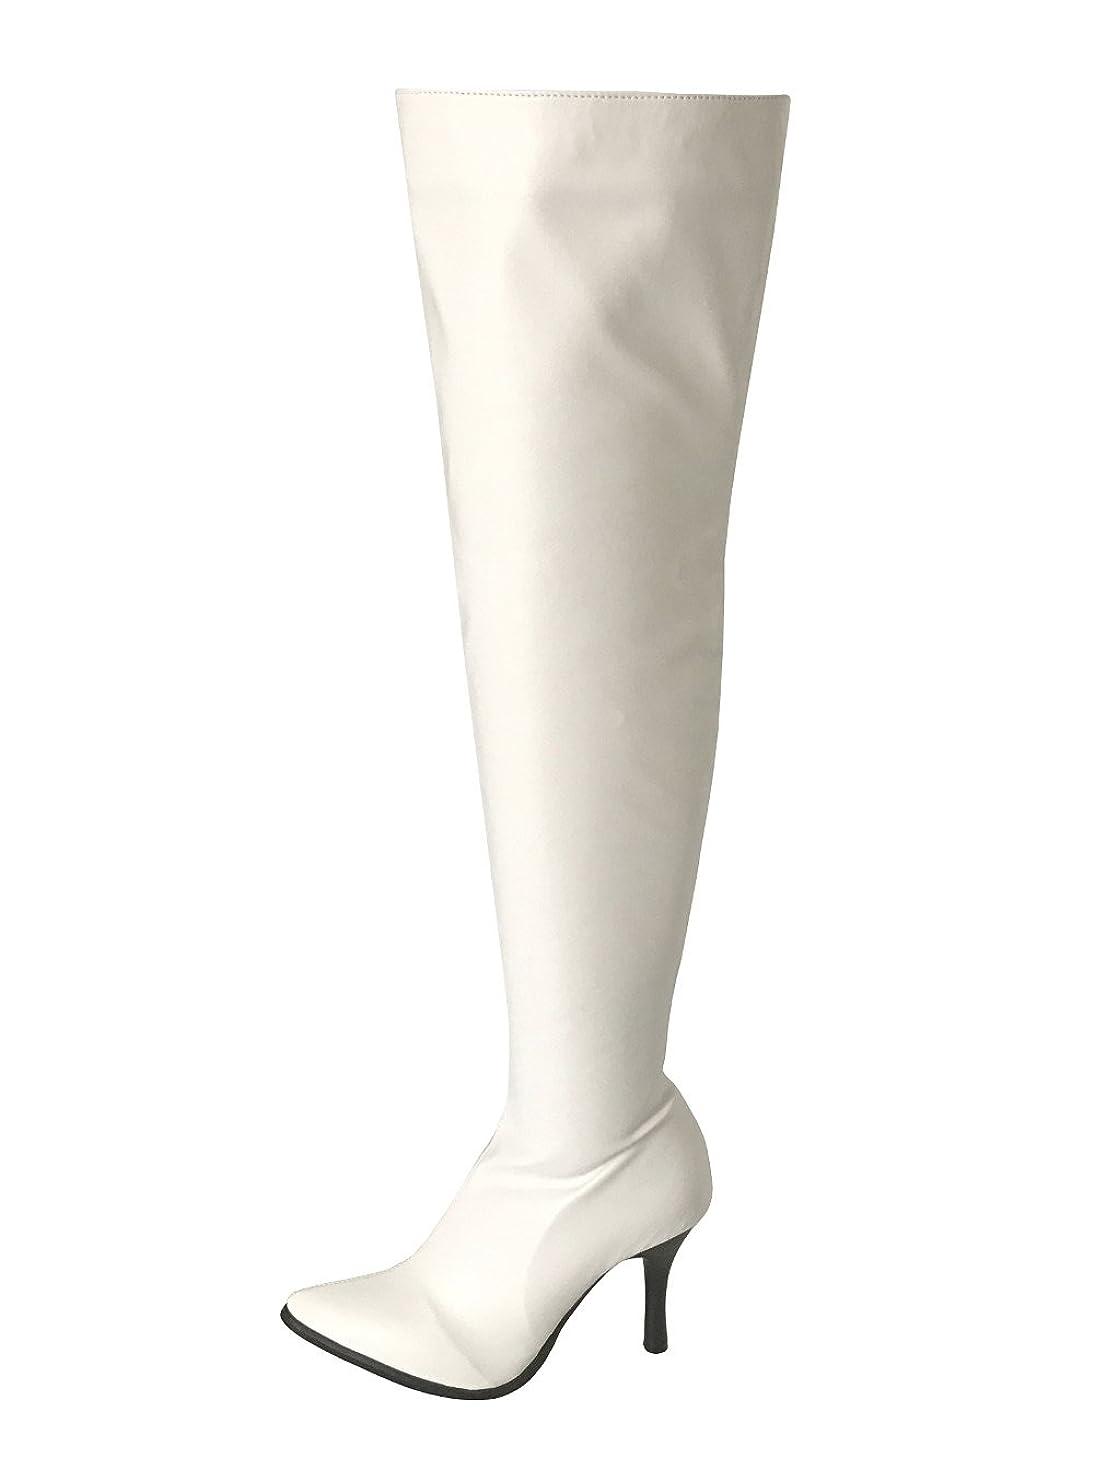 伝染性ベアリング良さ[ノーブランド品] フルジッパー シンプルニーハイ ストレッチタイプ 白色(206-20 wh)